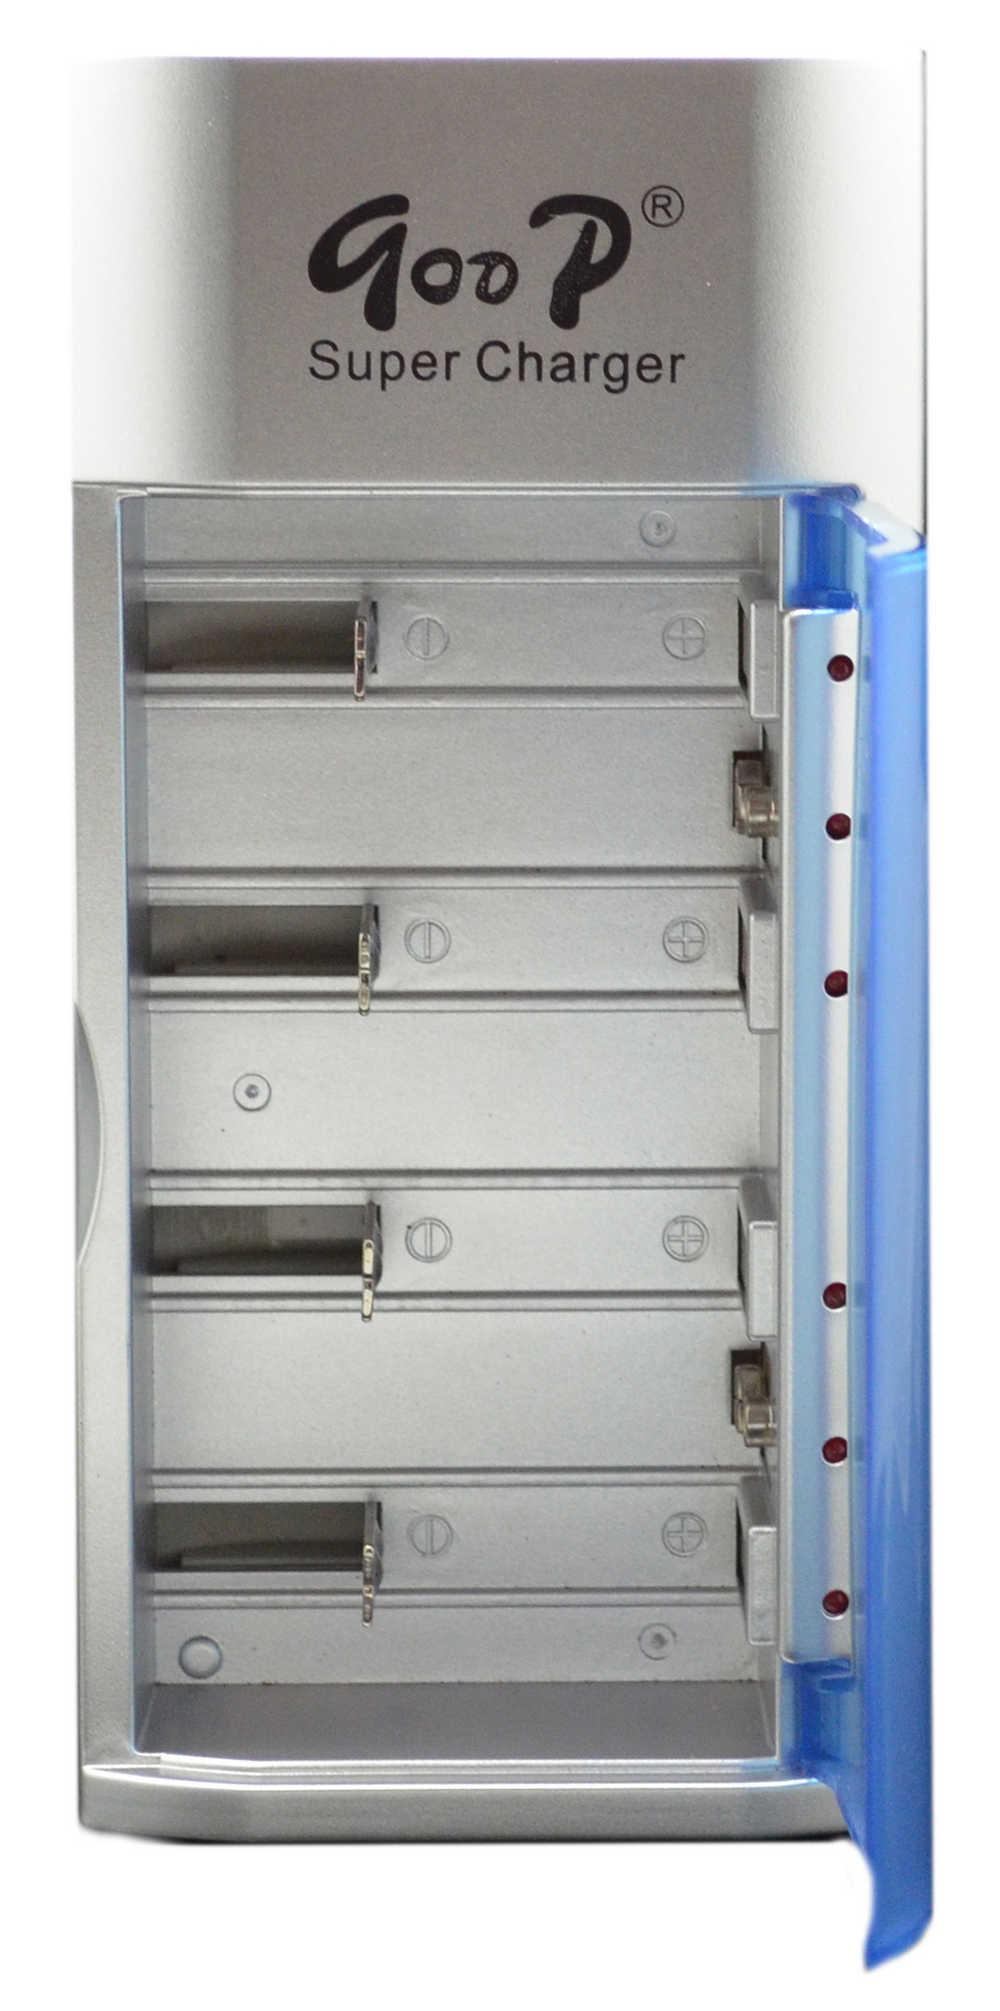 Φορτιστής Μπαταριών Goop Universal GD-837 για D/C/AA/AAA/9V